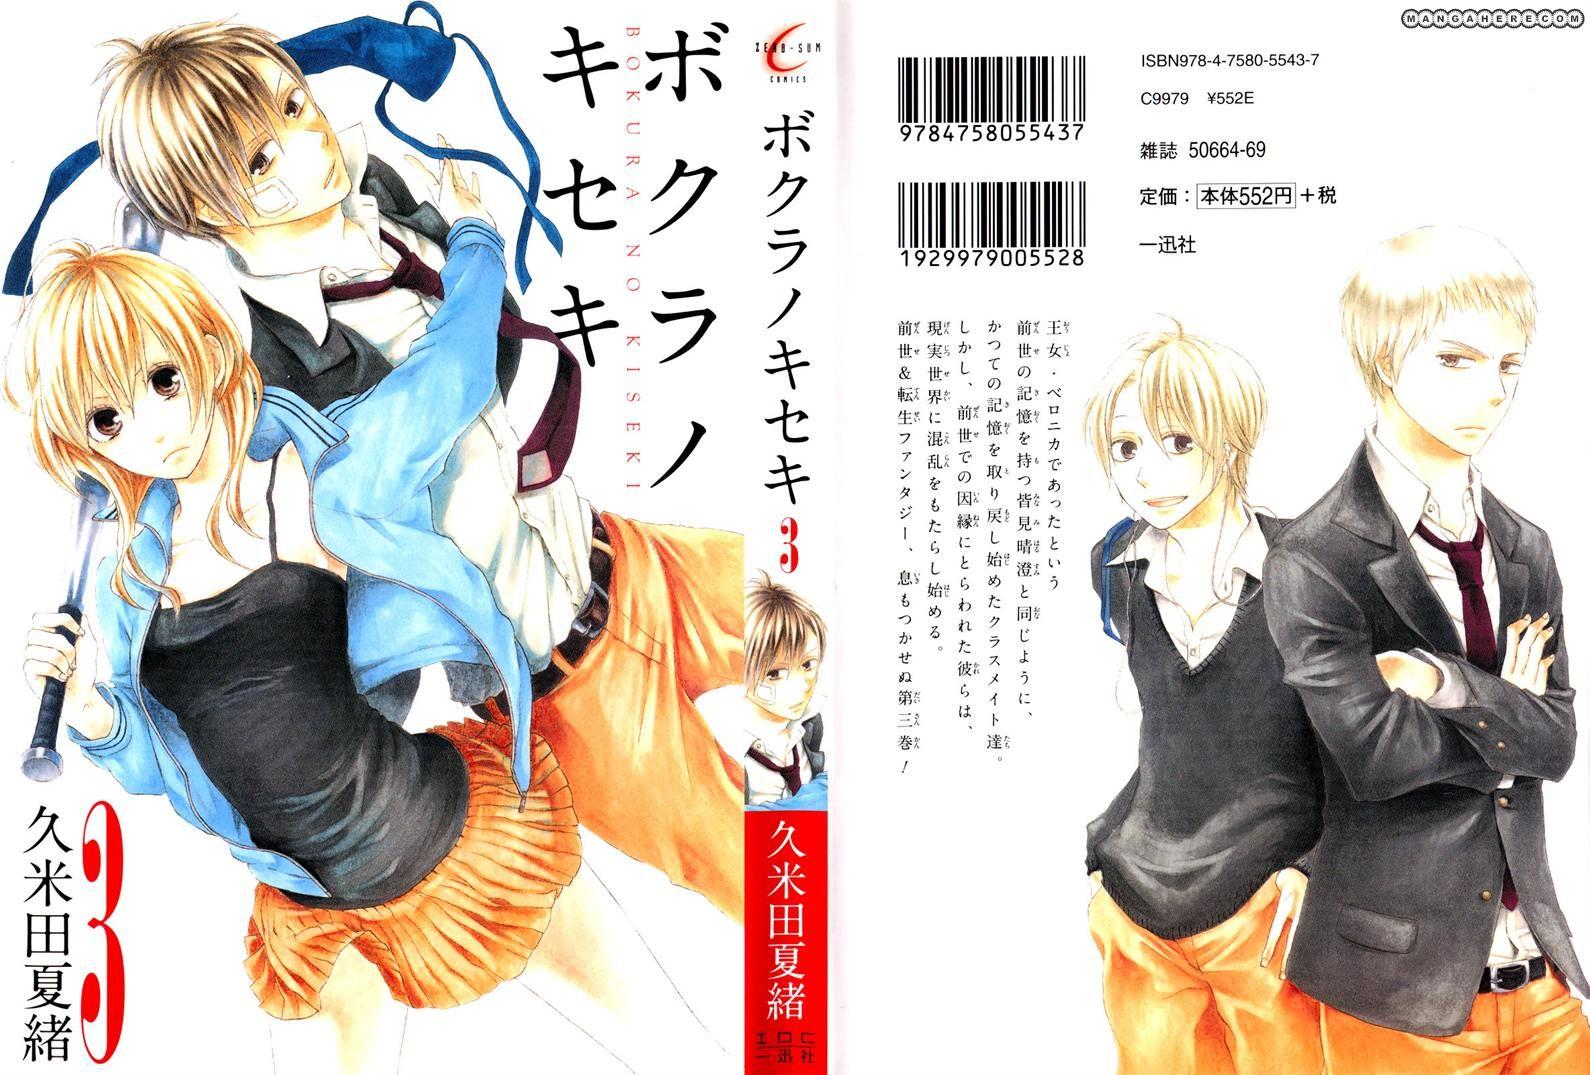 Bokura no Kiseki 9 Page 3